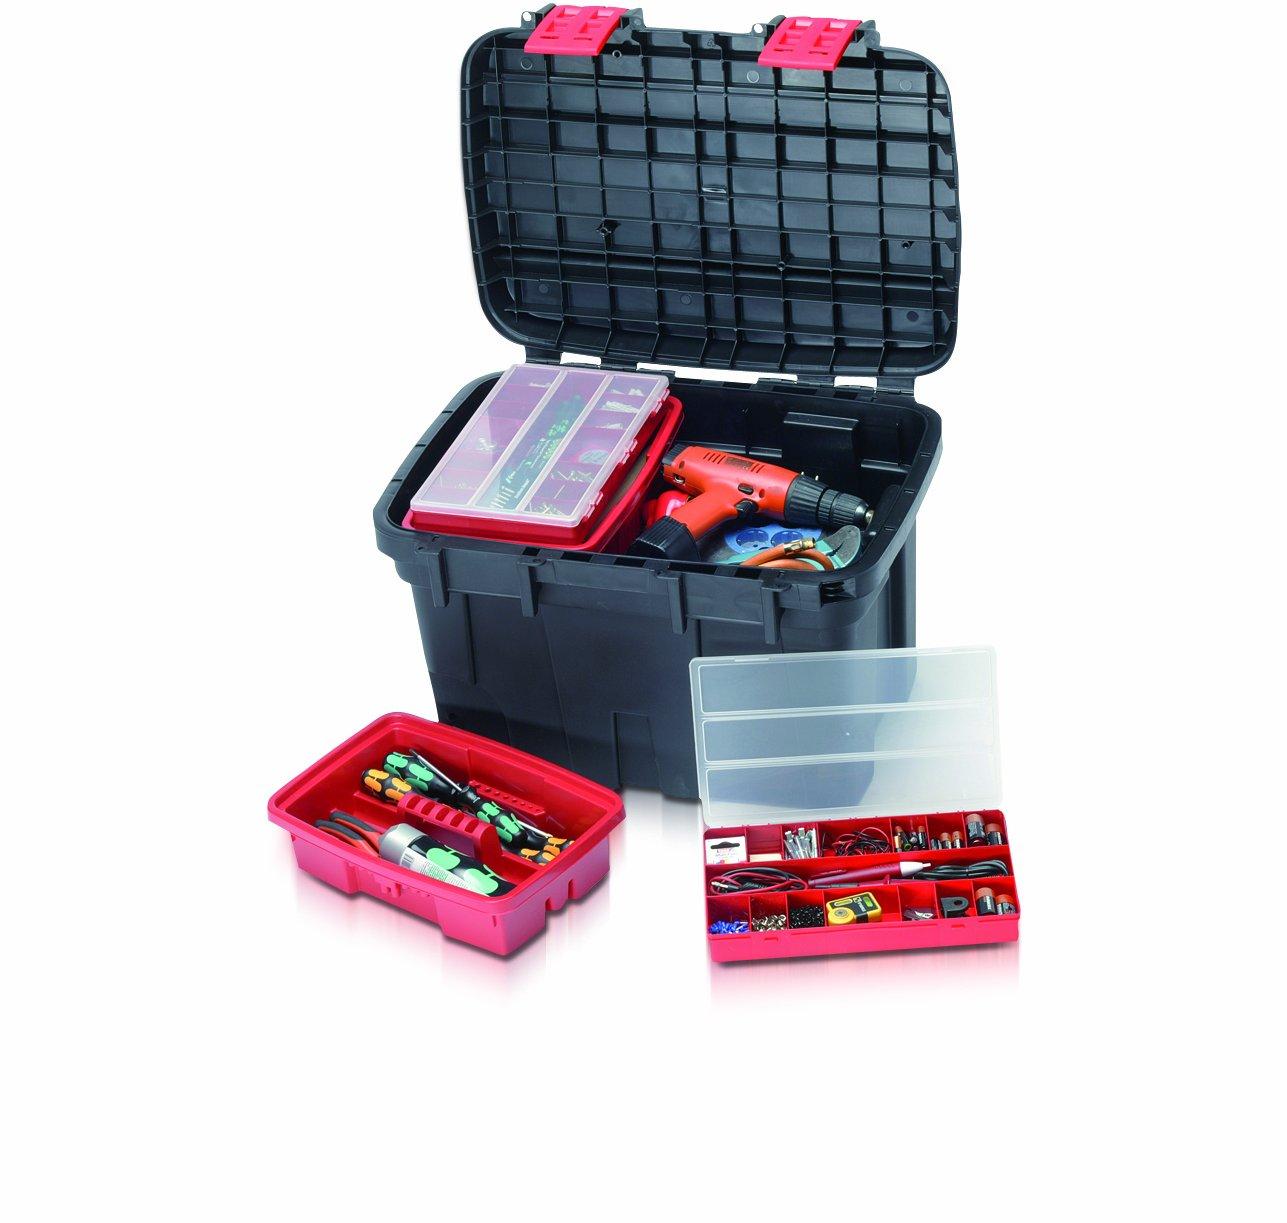 PARAT 5814100391 ProfiLine WerkzeugContainer  BaumarktKundenbewertung und weitere Informationen